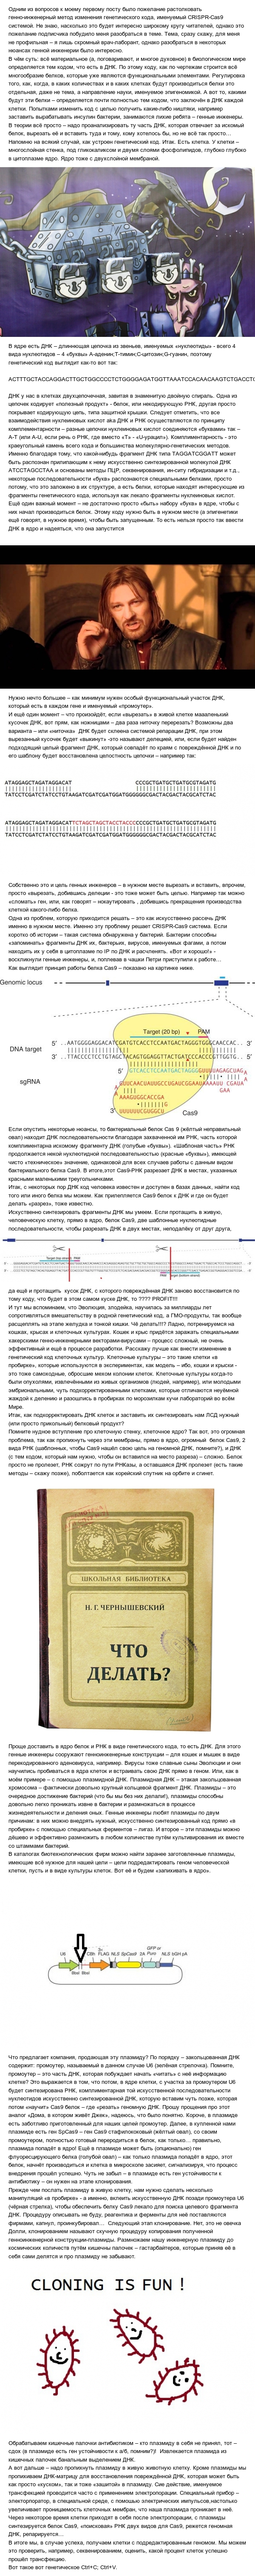 Генетическое программирование: Ctrl+C; Ctrl+V Генетика, Технологии будущего, Длиннопост, Научпоп